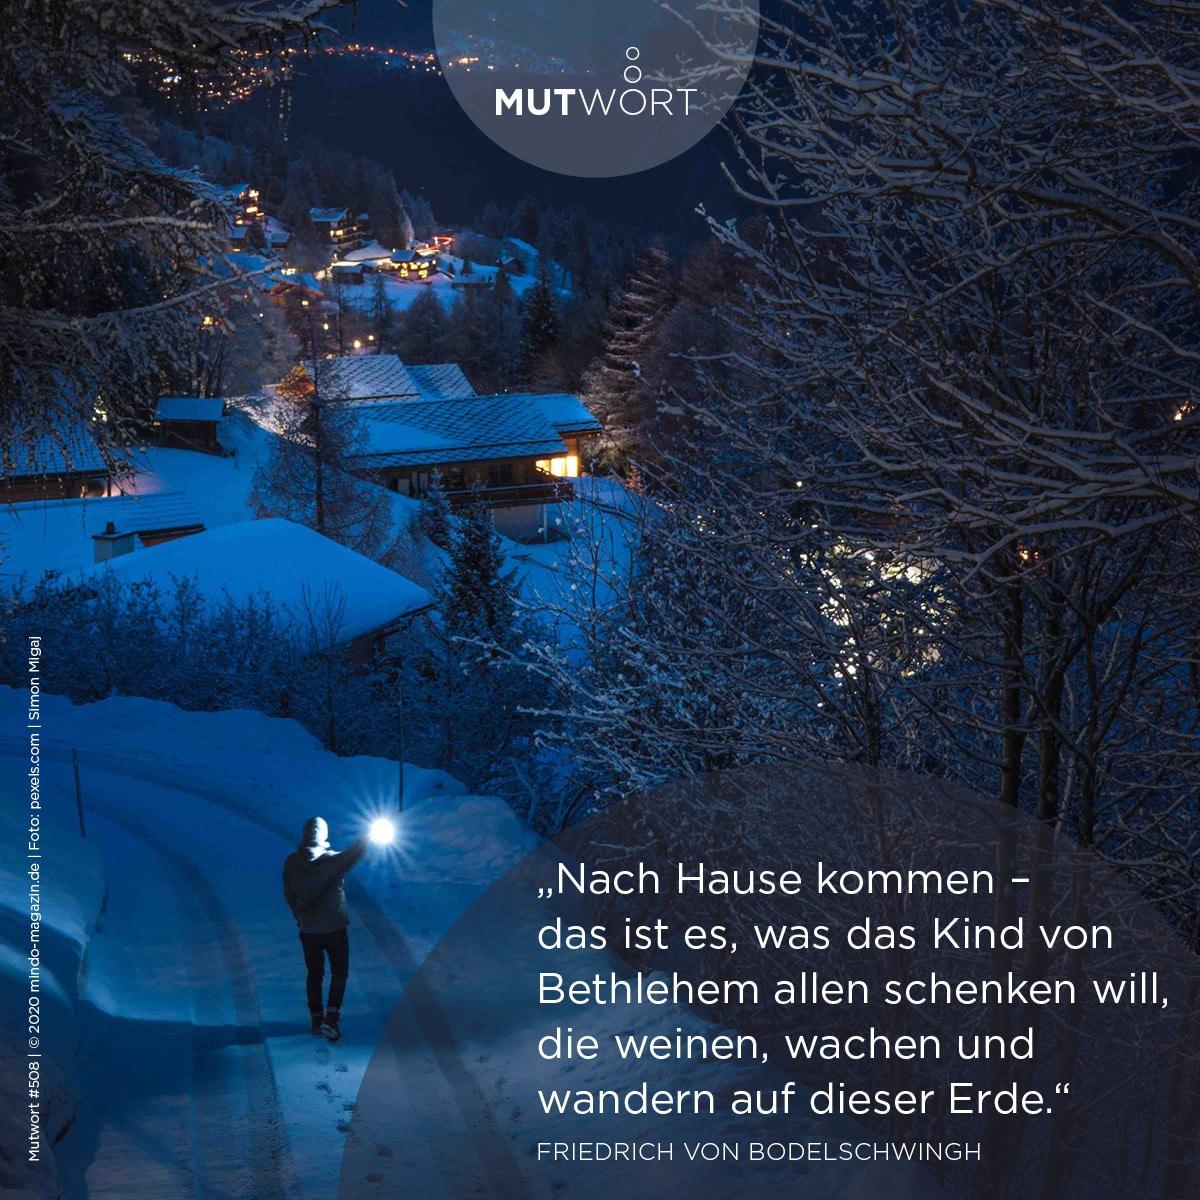 Nach Hause kommen – das ist es, was das Kind von Bethlehem allen schenken will, die weinen, wachen und wandern auf dieser Erde. – Friedrich von Bodelschwingh